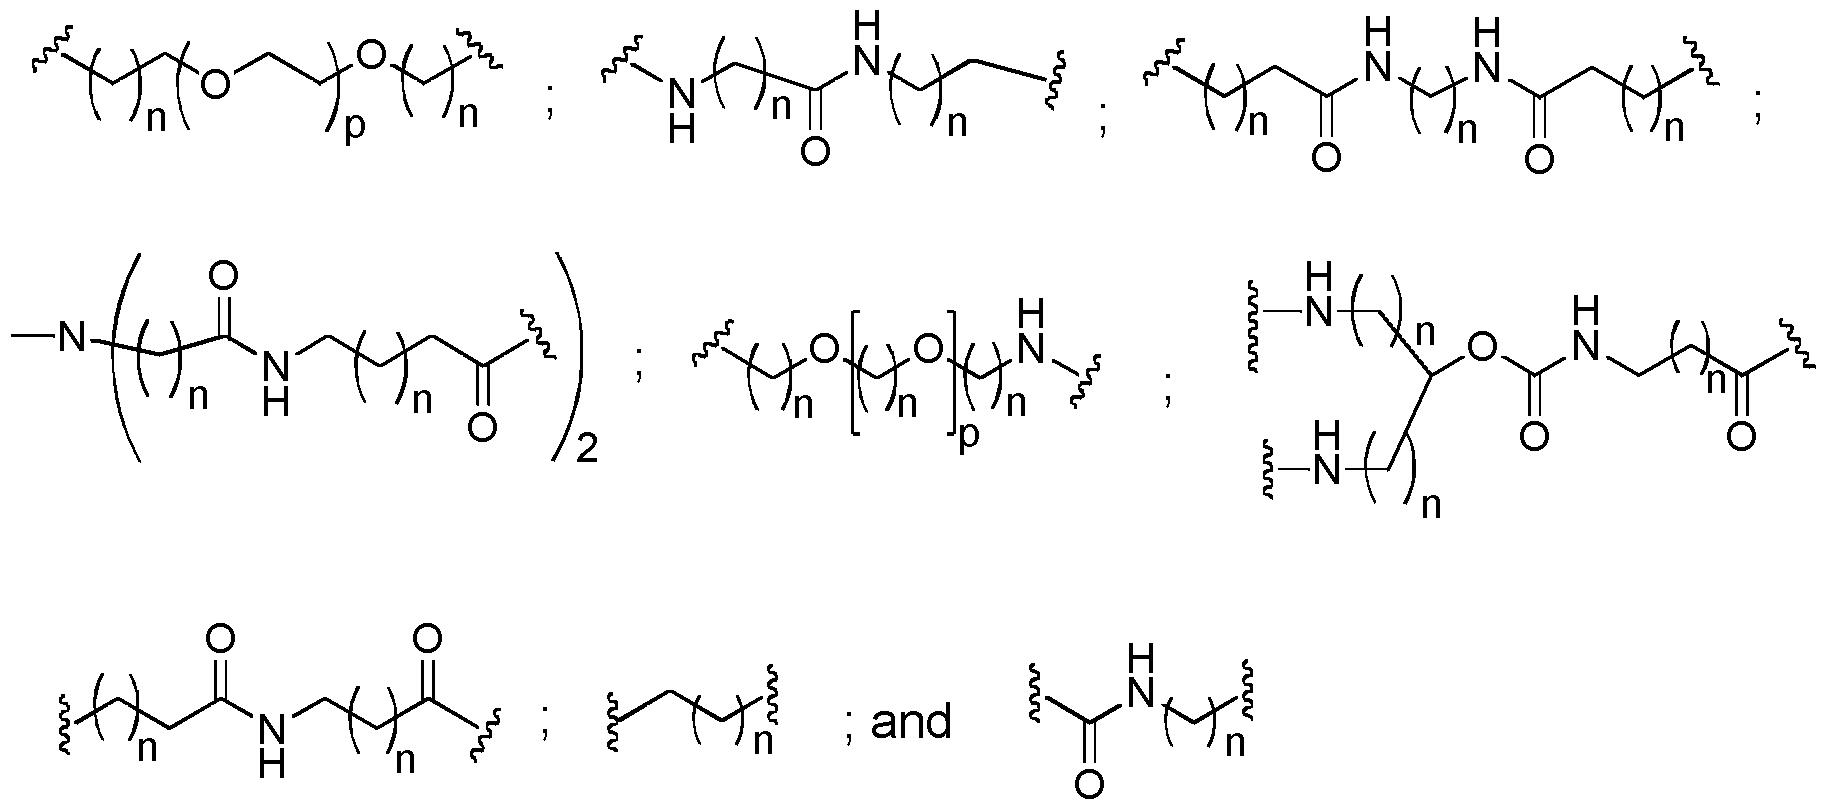 Figure imgf000432_0002